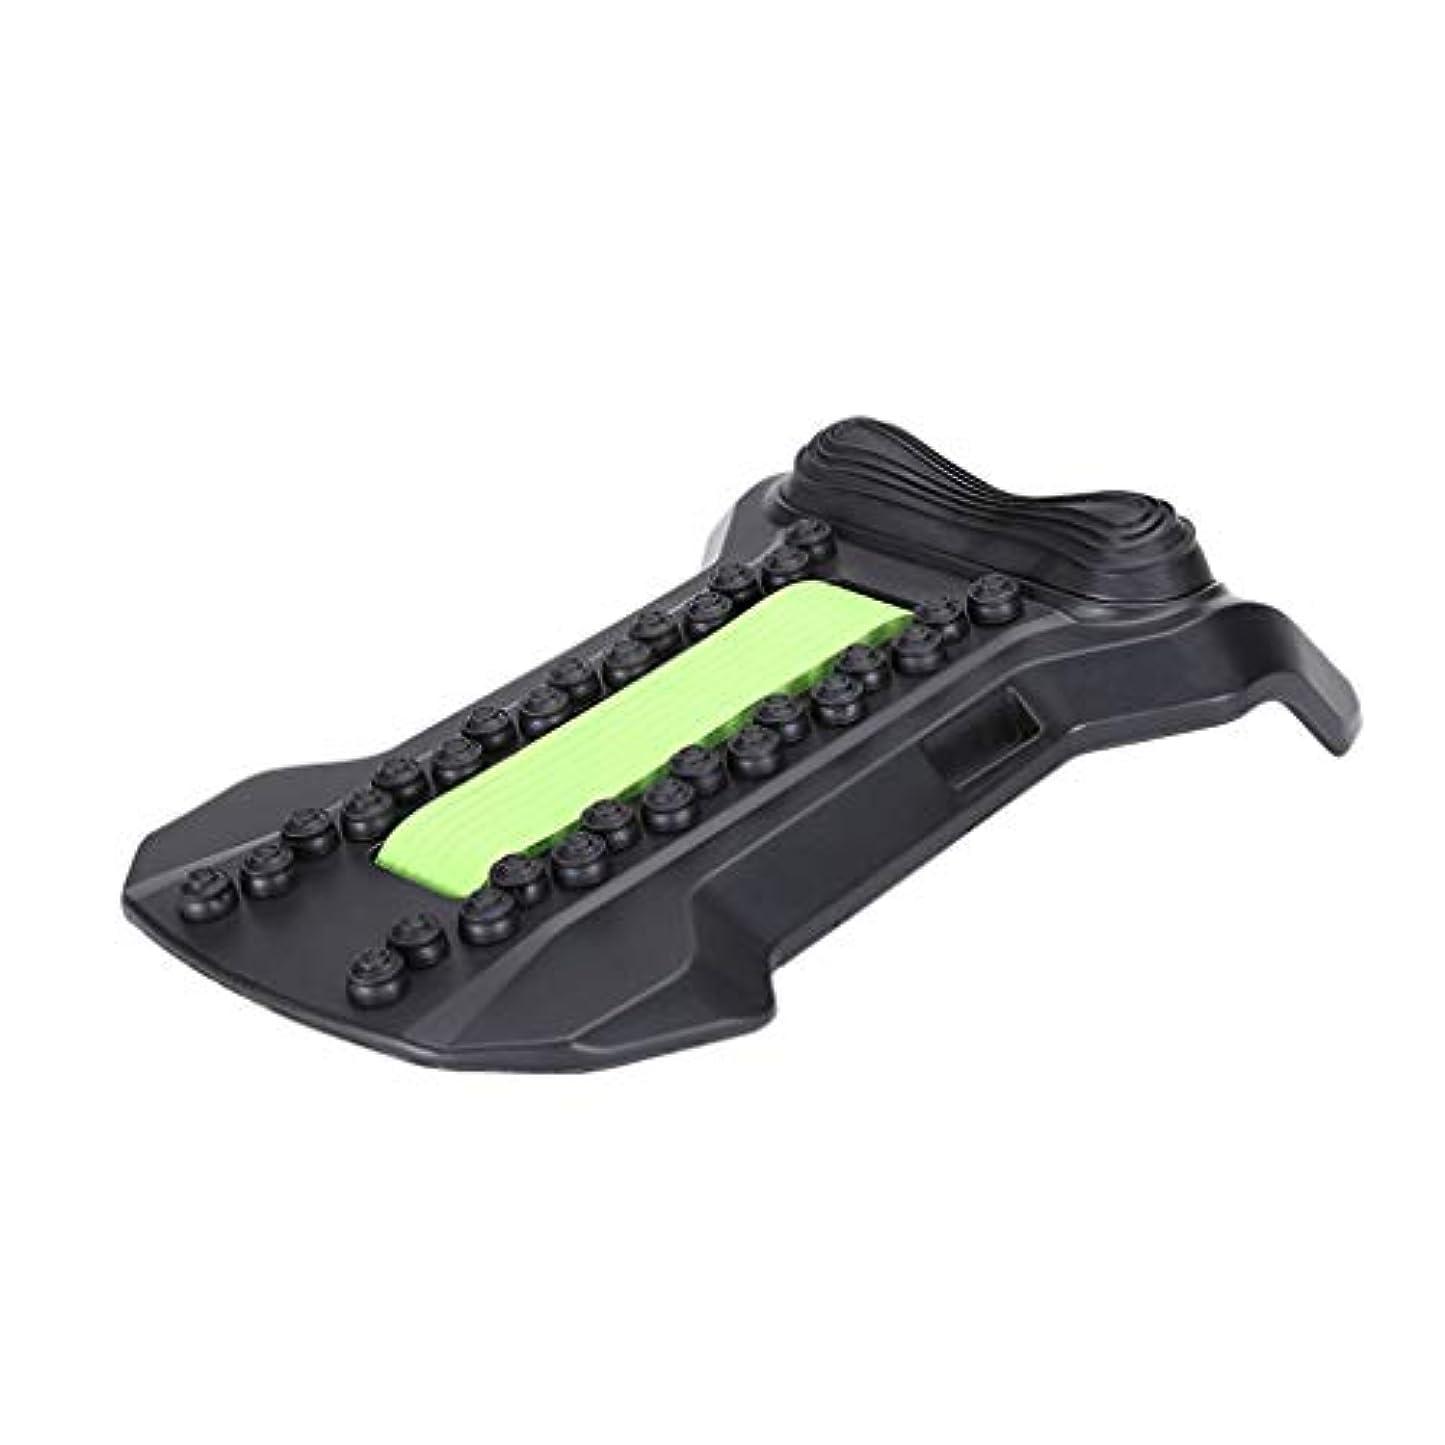 タクト五十一時停止背部マッサージャーの伸張装置、腰椎サポート弛緩の魔法の伸張器の適性の仲間の脊椎の痛みを和らげるカイロプラクター,Green